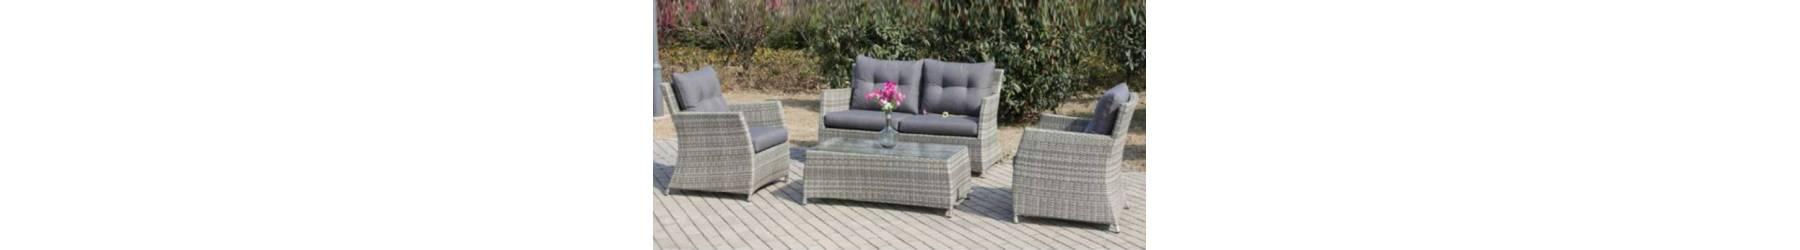 Καθιστικά και σαλόνια κήπου και βεράντας από Rattan Wicker